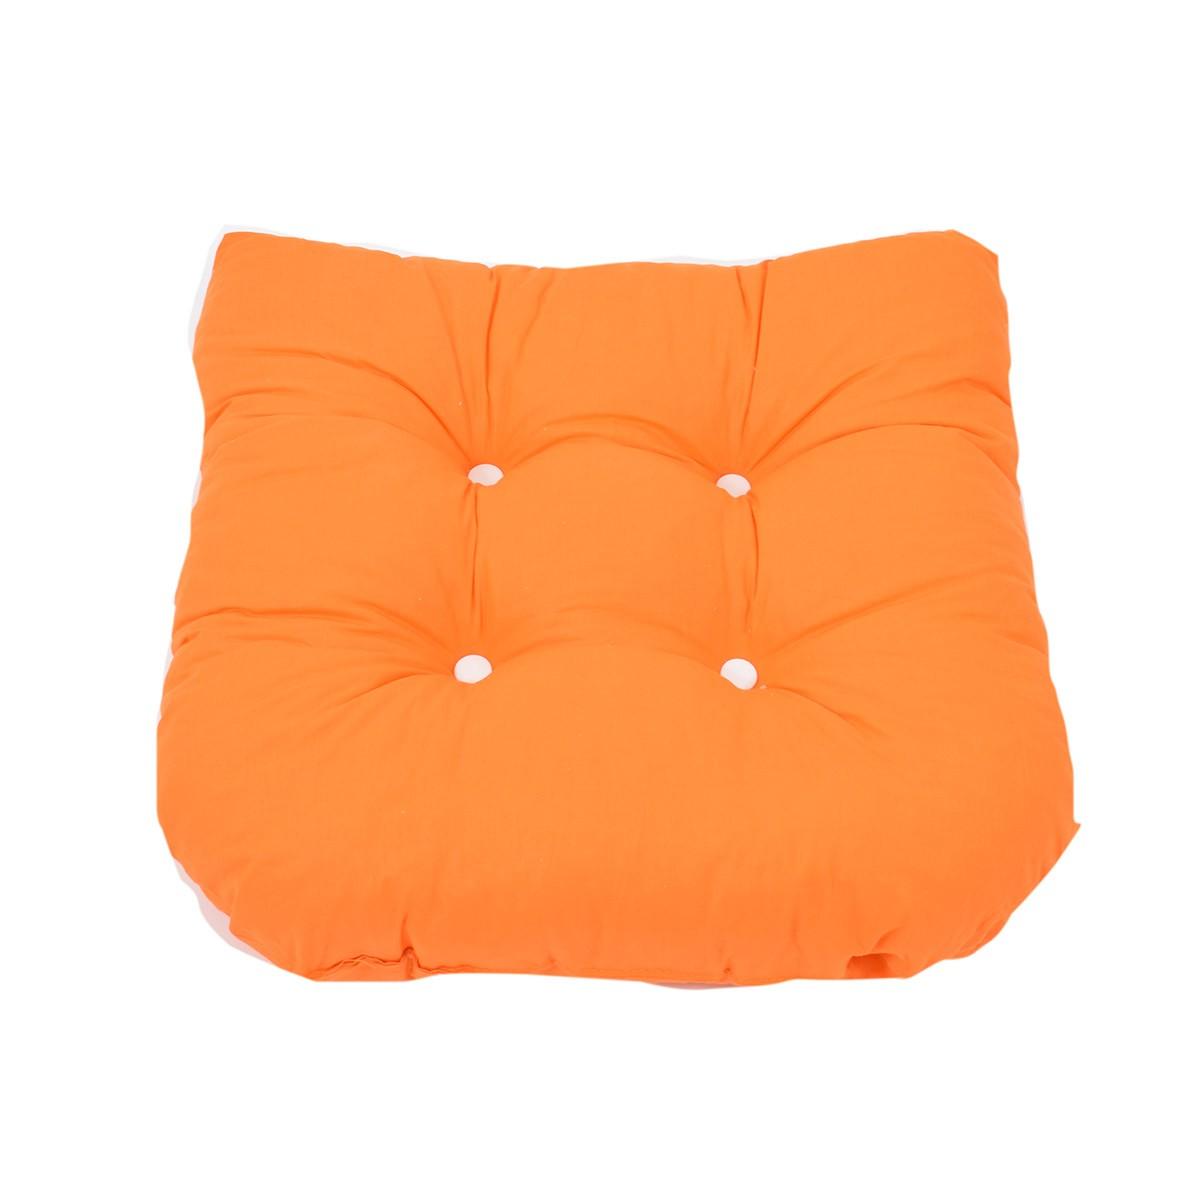 Μαξιλάρι Καρέκλας Bamboo Πέταλο Fratoni Solid Orange